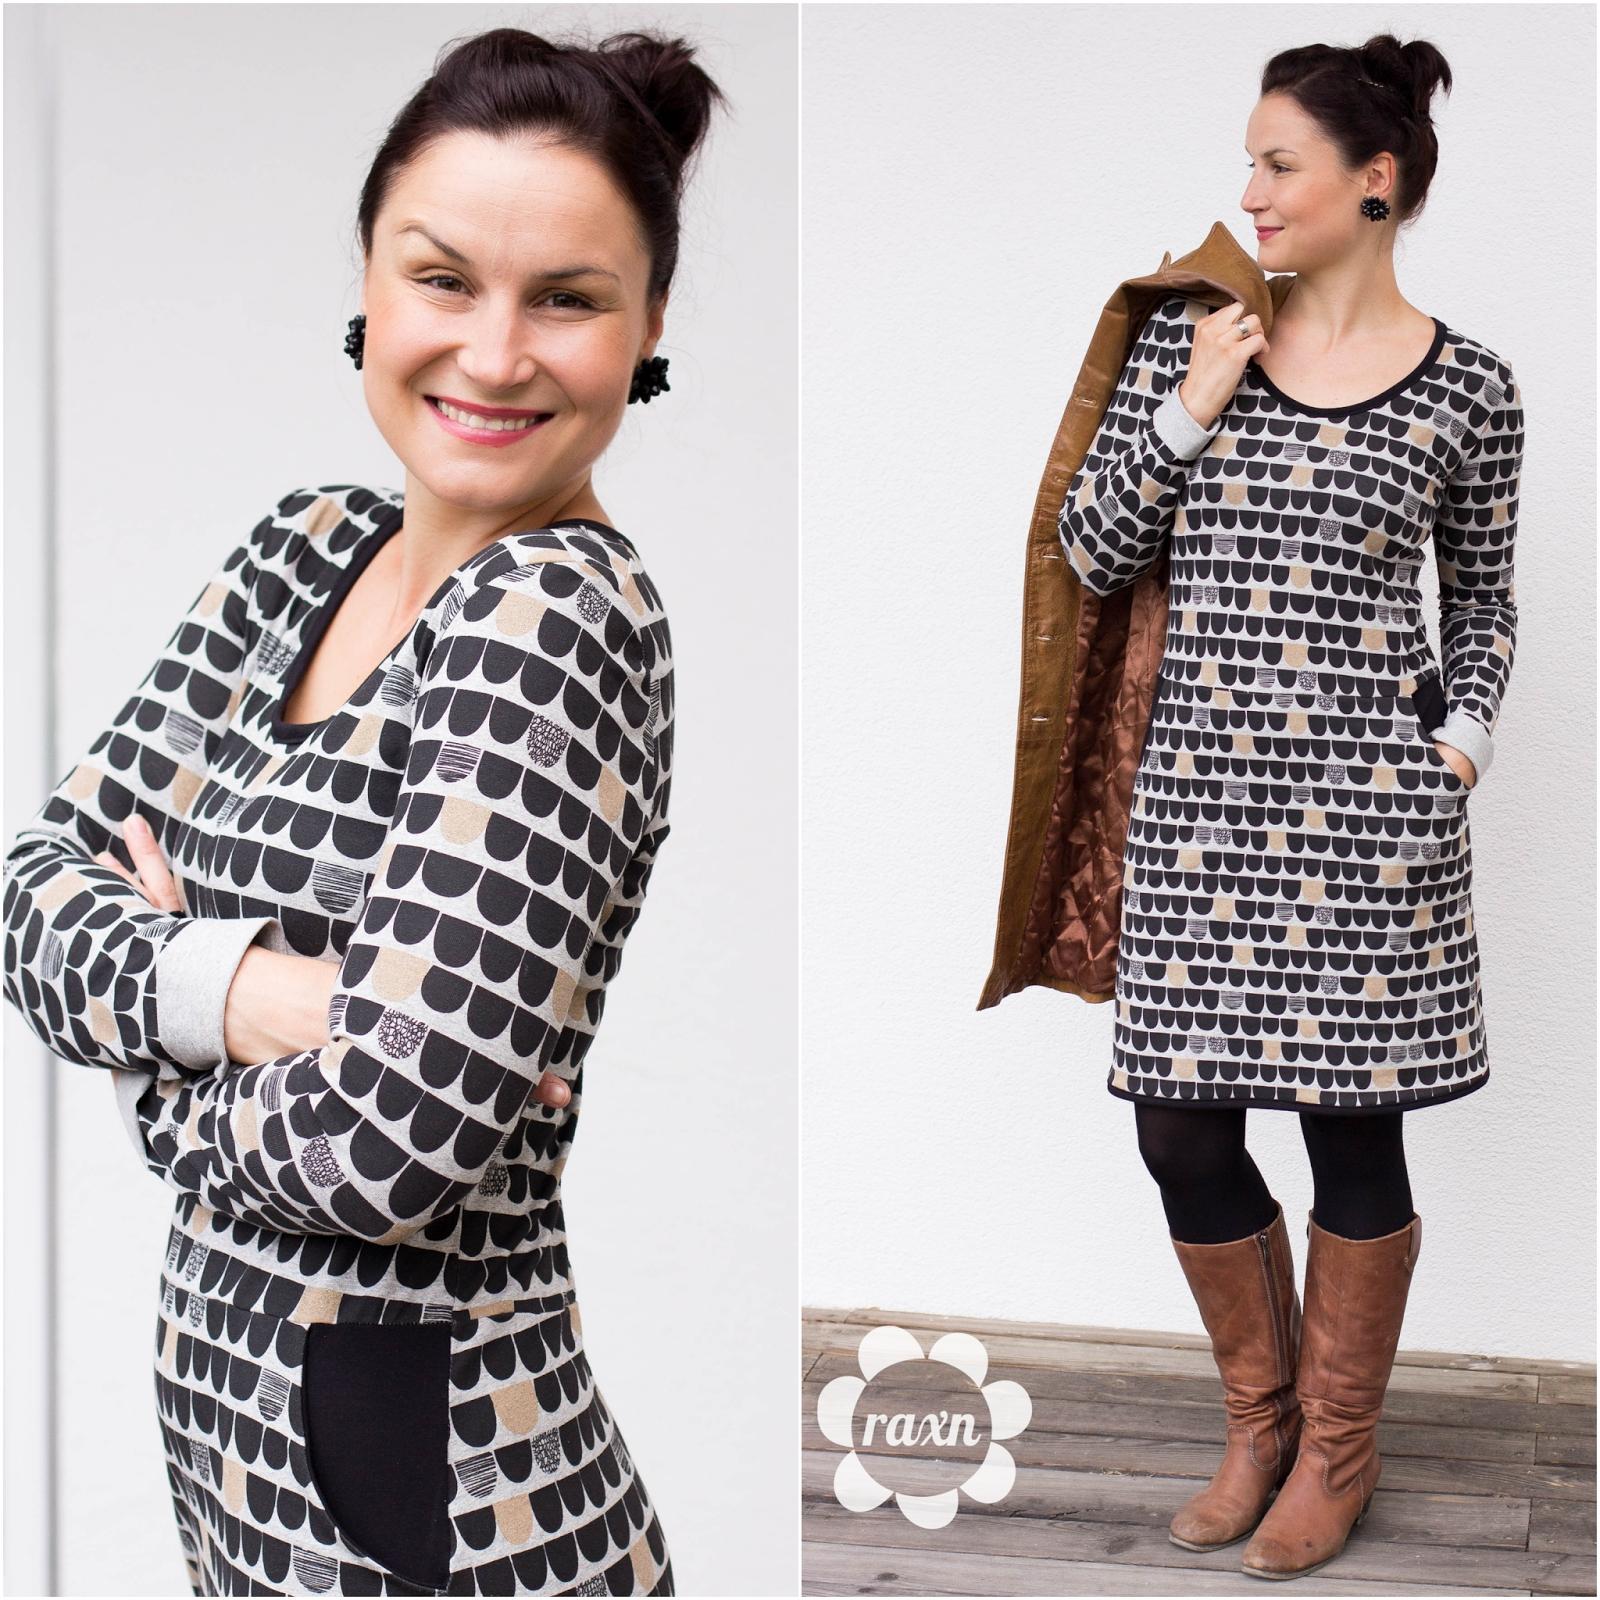 Großartig Schöne Kleider Für Frauen Ab 40 Boutique10 Coolste Schöne Kleider Für Frauen Ab 40 Bester Preis